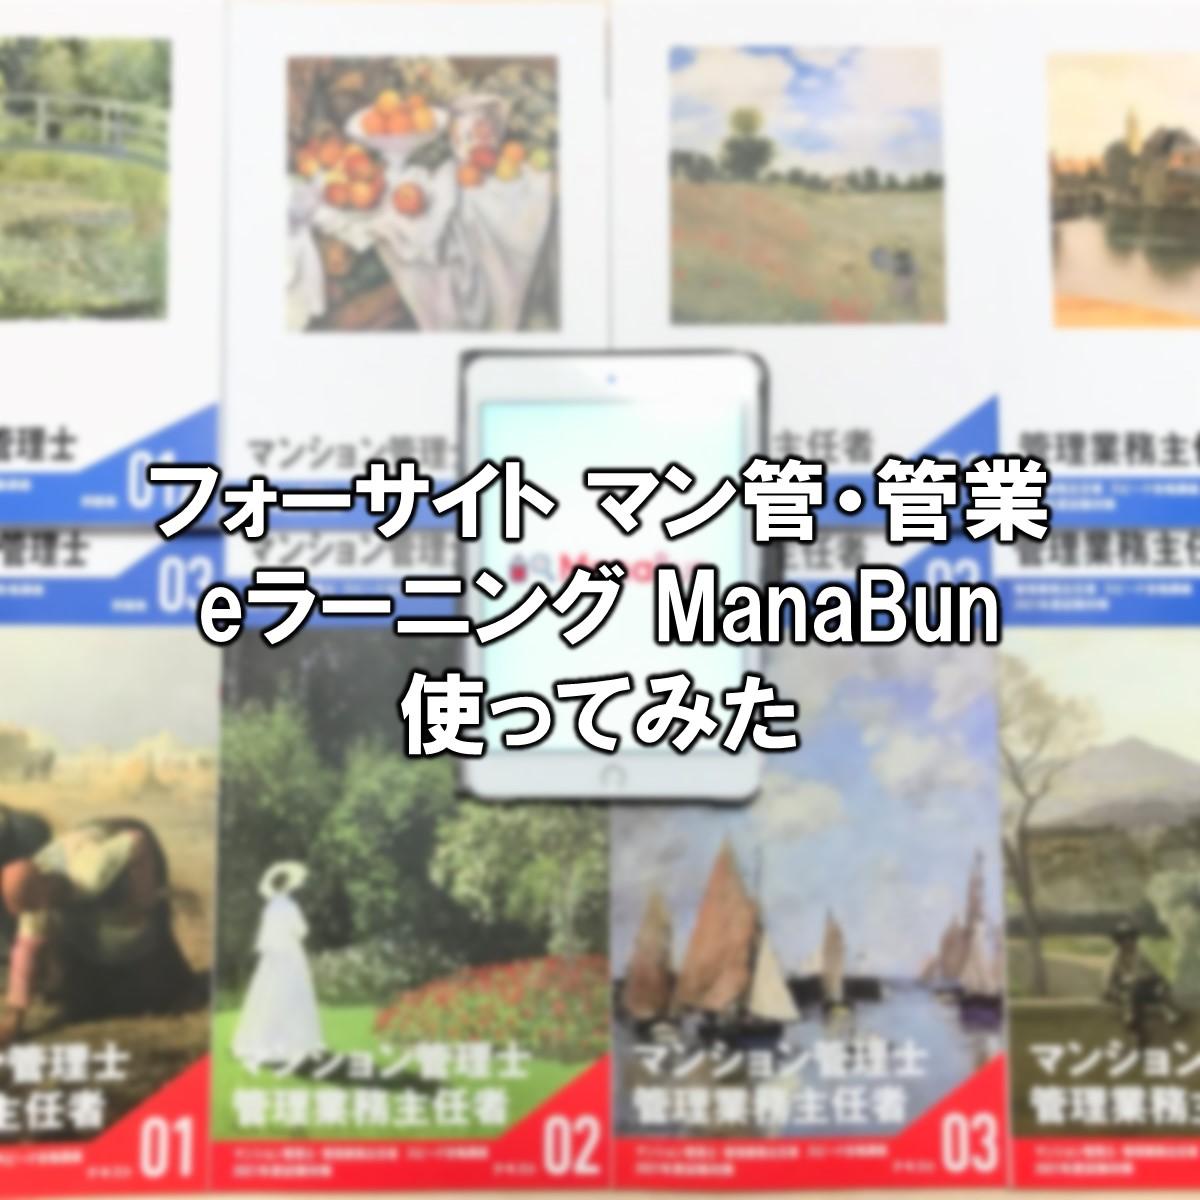 フォーサイト マン管・管業講座eラーニング「ManaBun」使ってみた